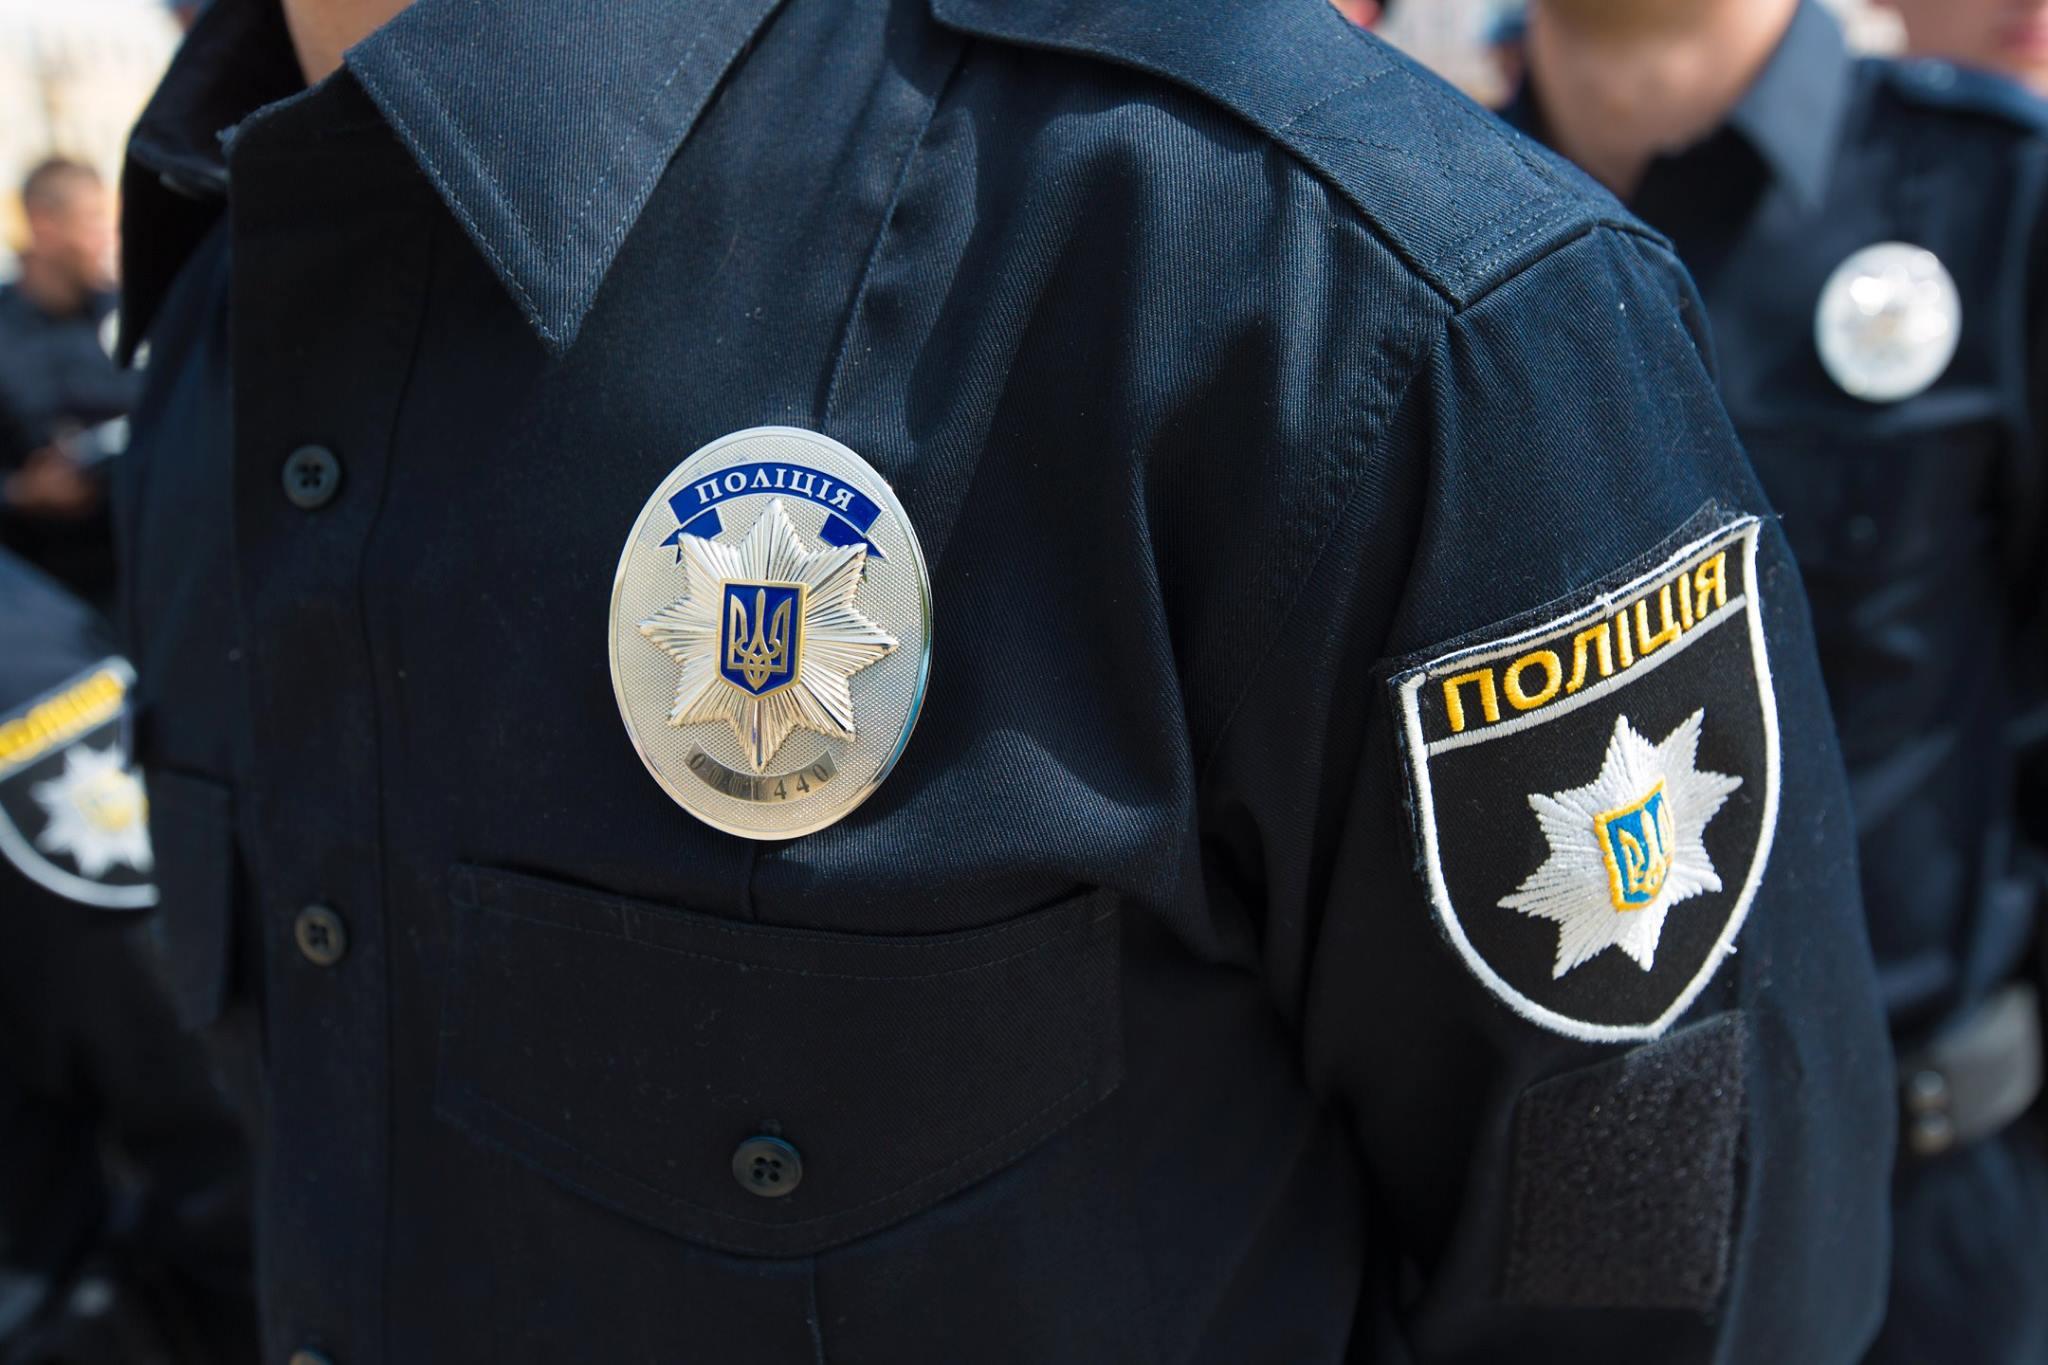 Суд отменил штраф за превышение скорости из-за ошибки полицейского 1